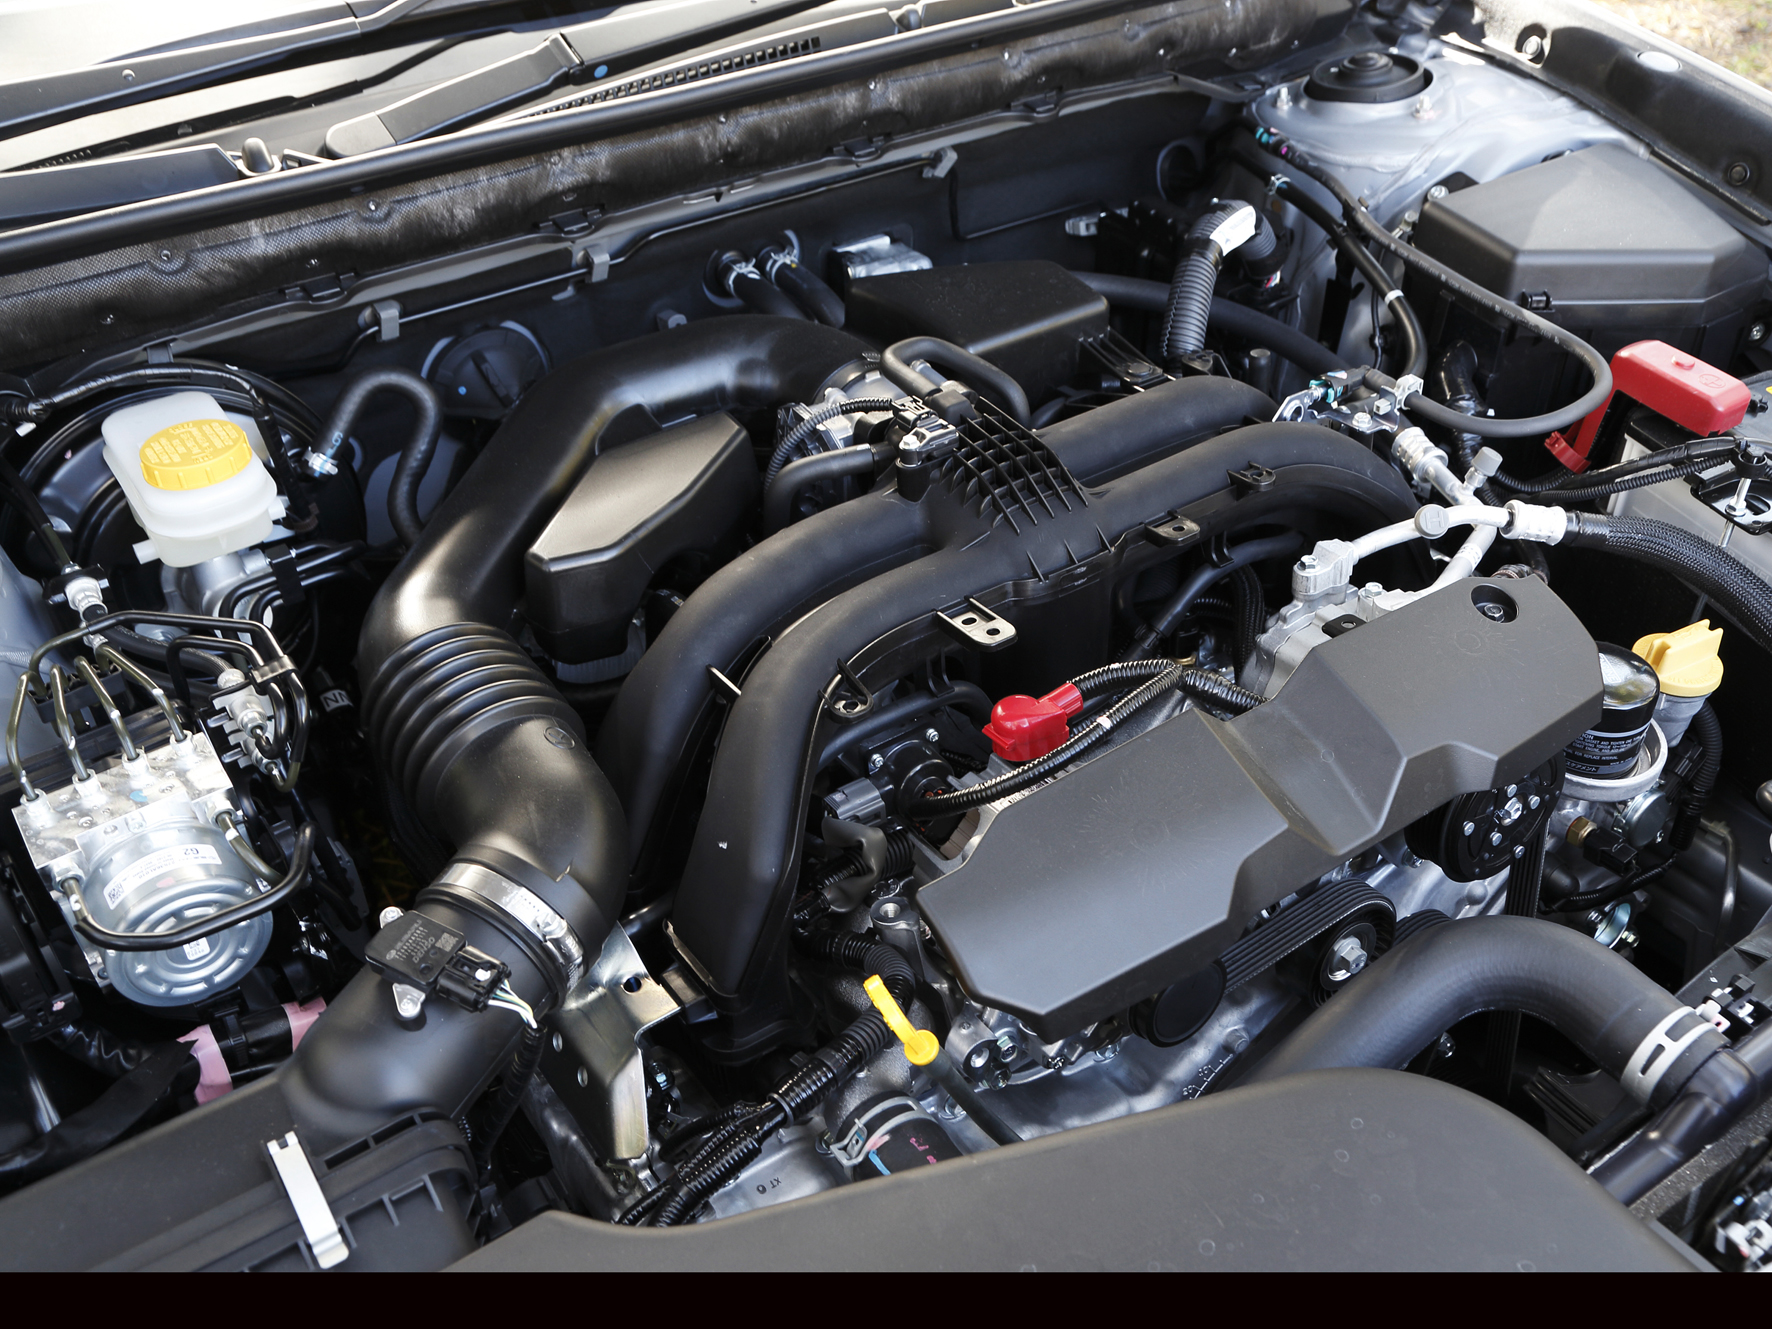 ▲アウトバック、B4ともに新開発された2.5Lの水平対向エンジンが搭載されている